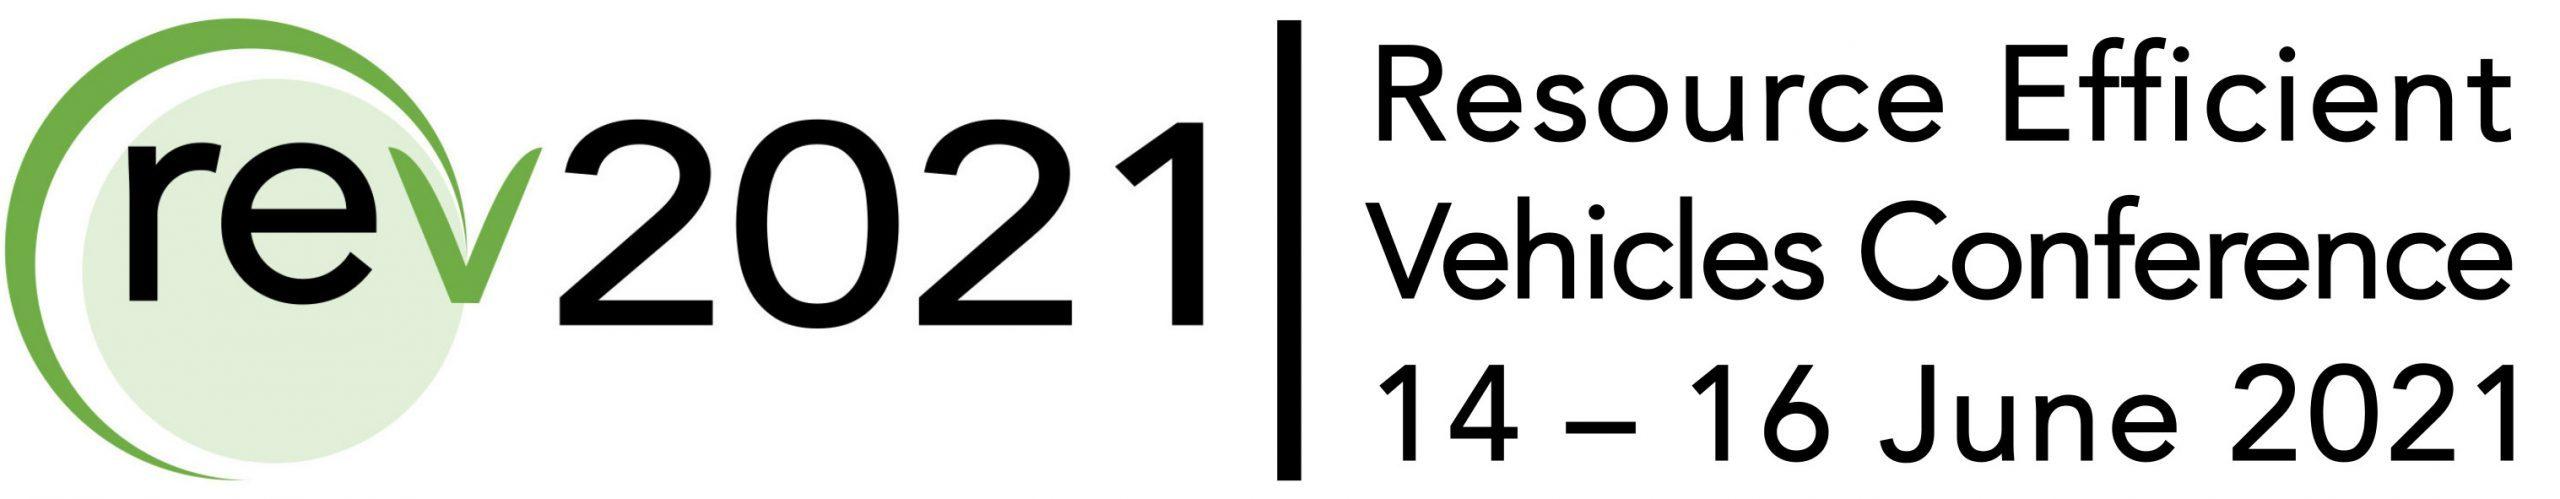 rev2021